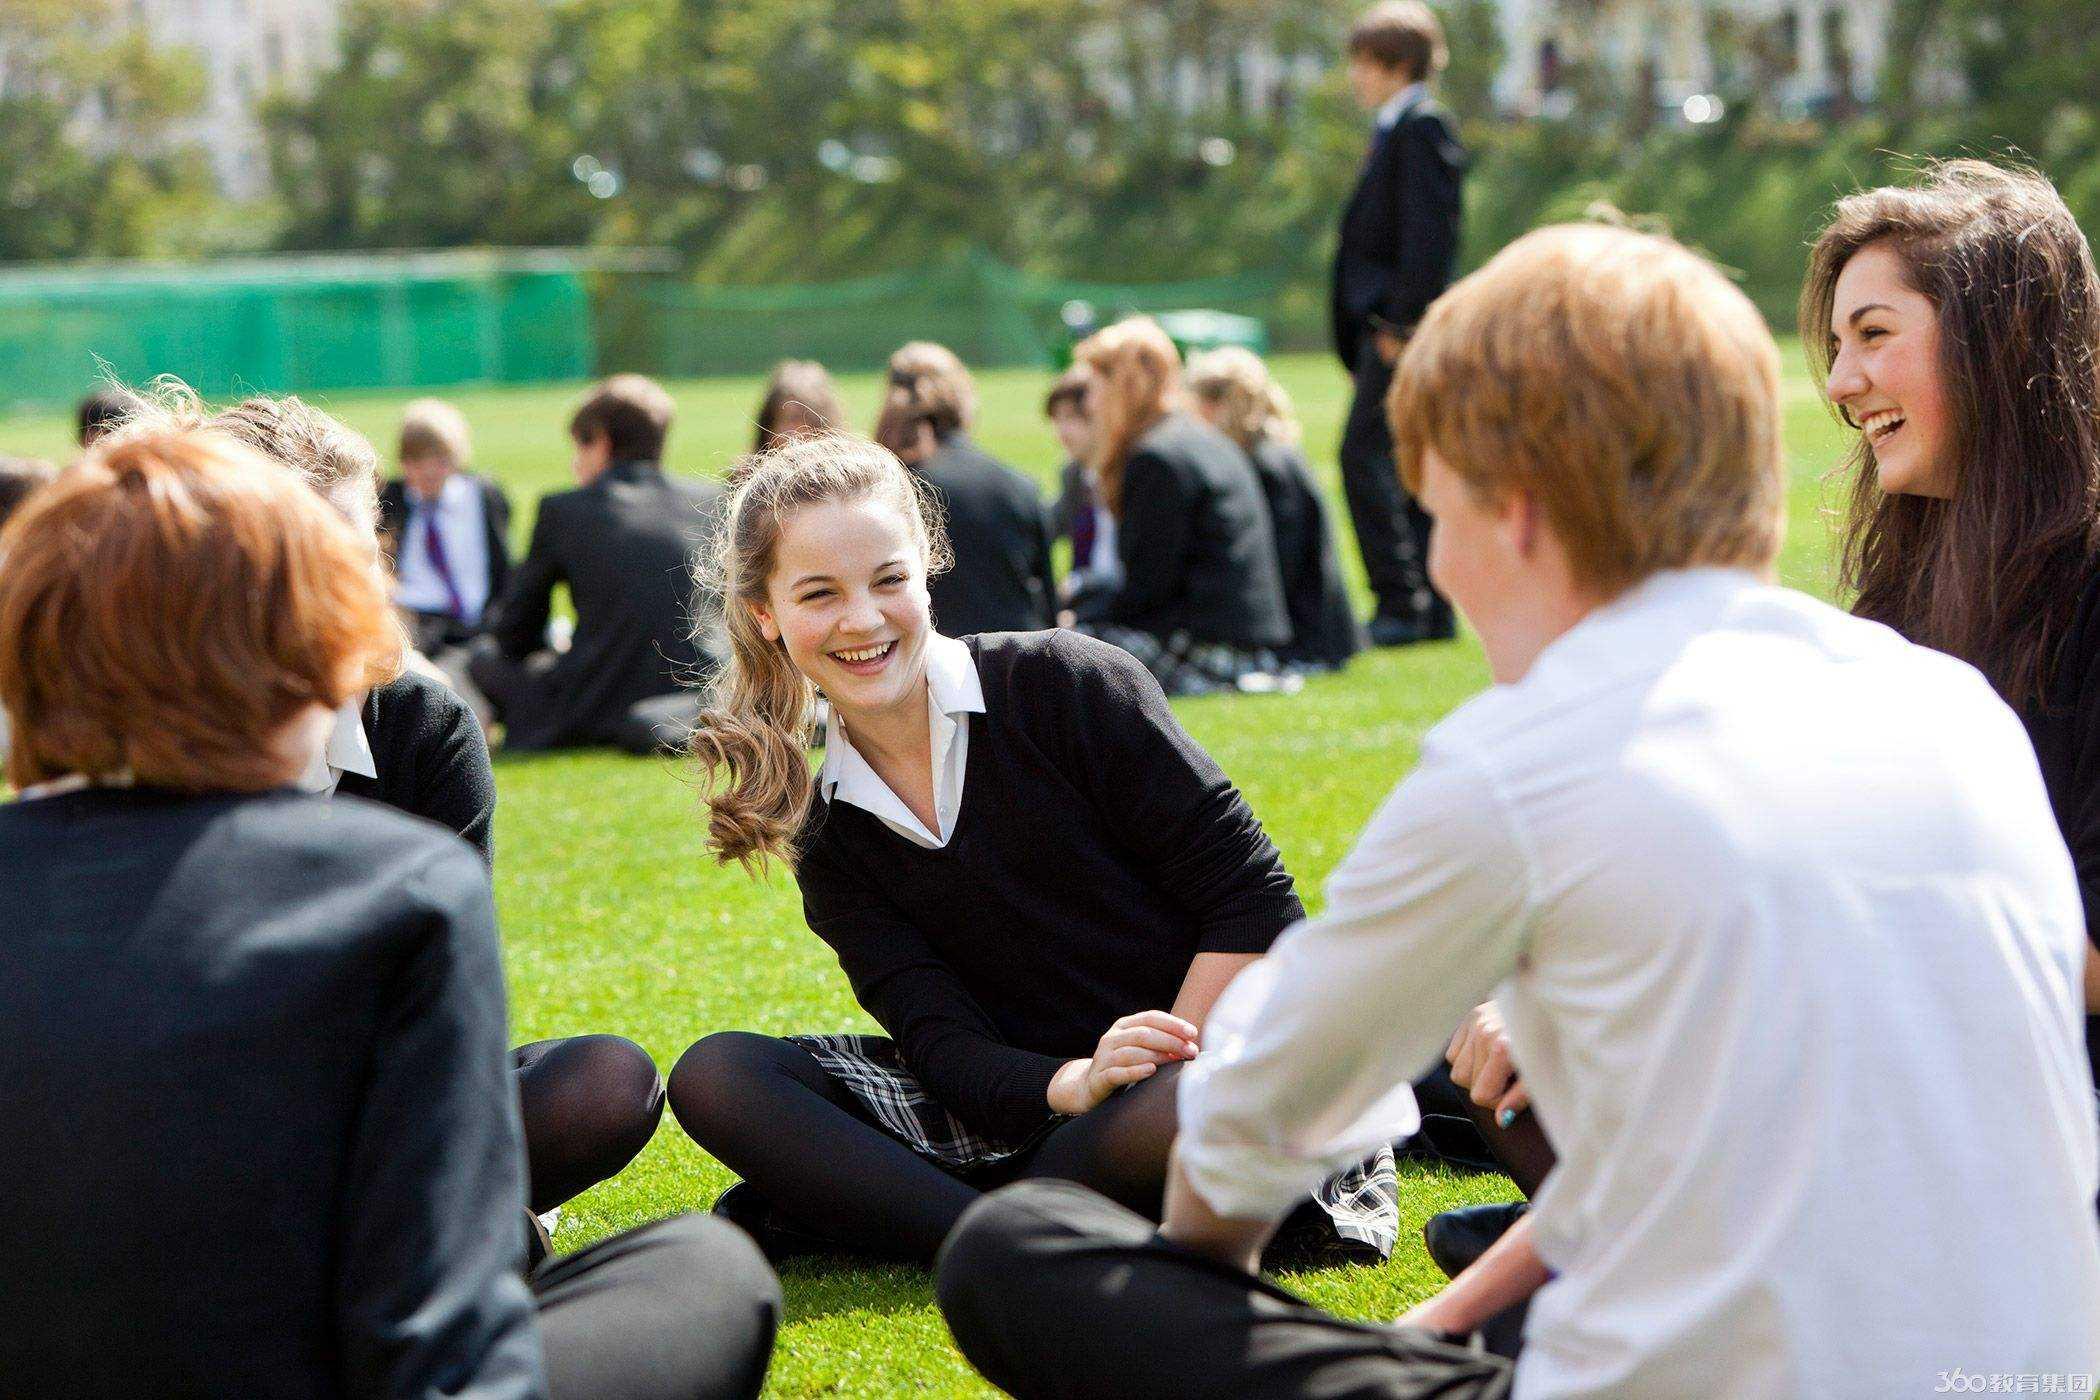 「英国留学」高二可以去英国留学吗?高中生英国留学有哪些优势?